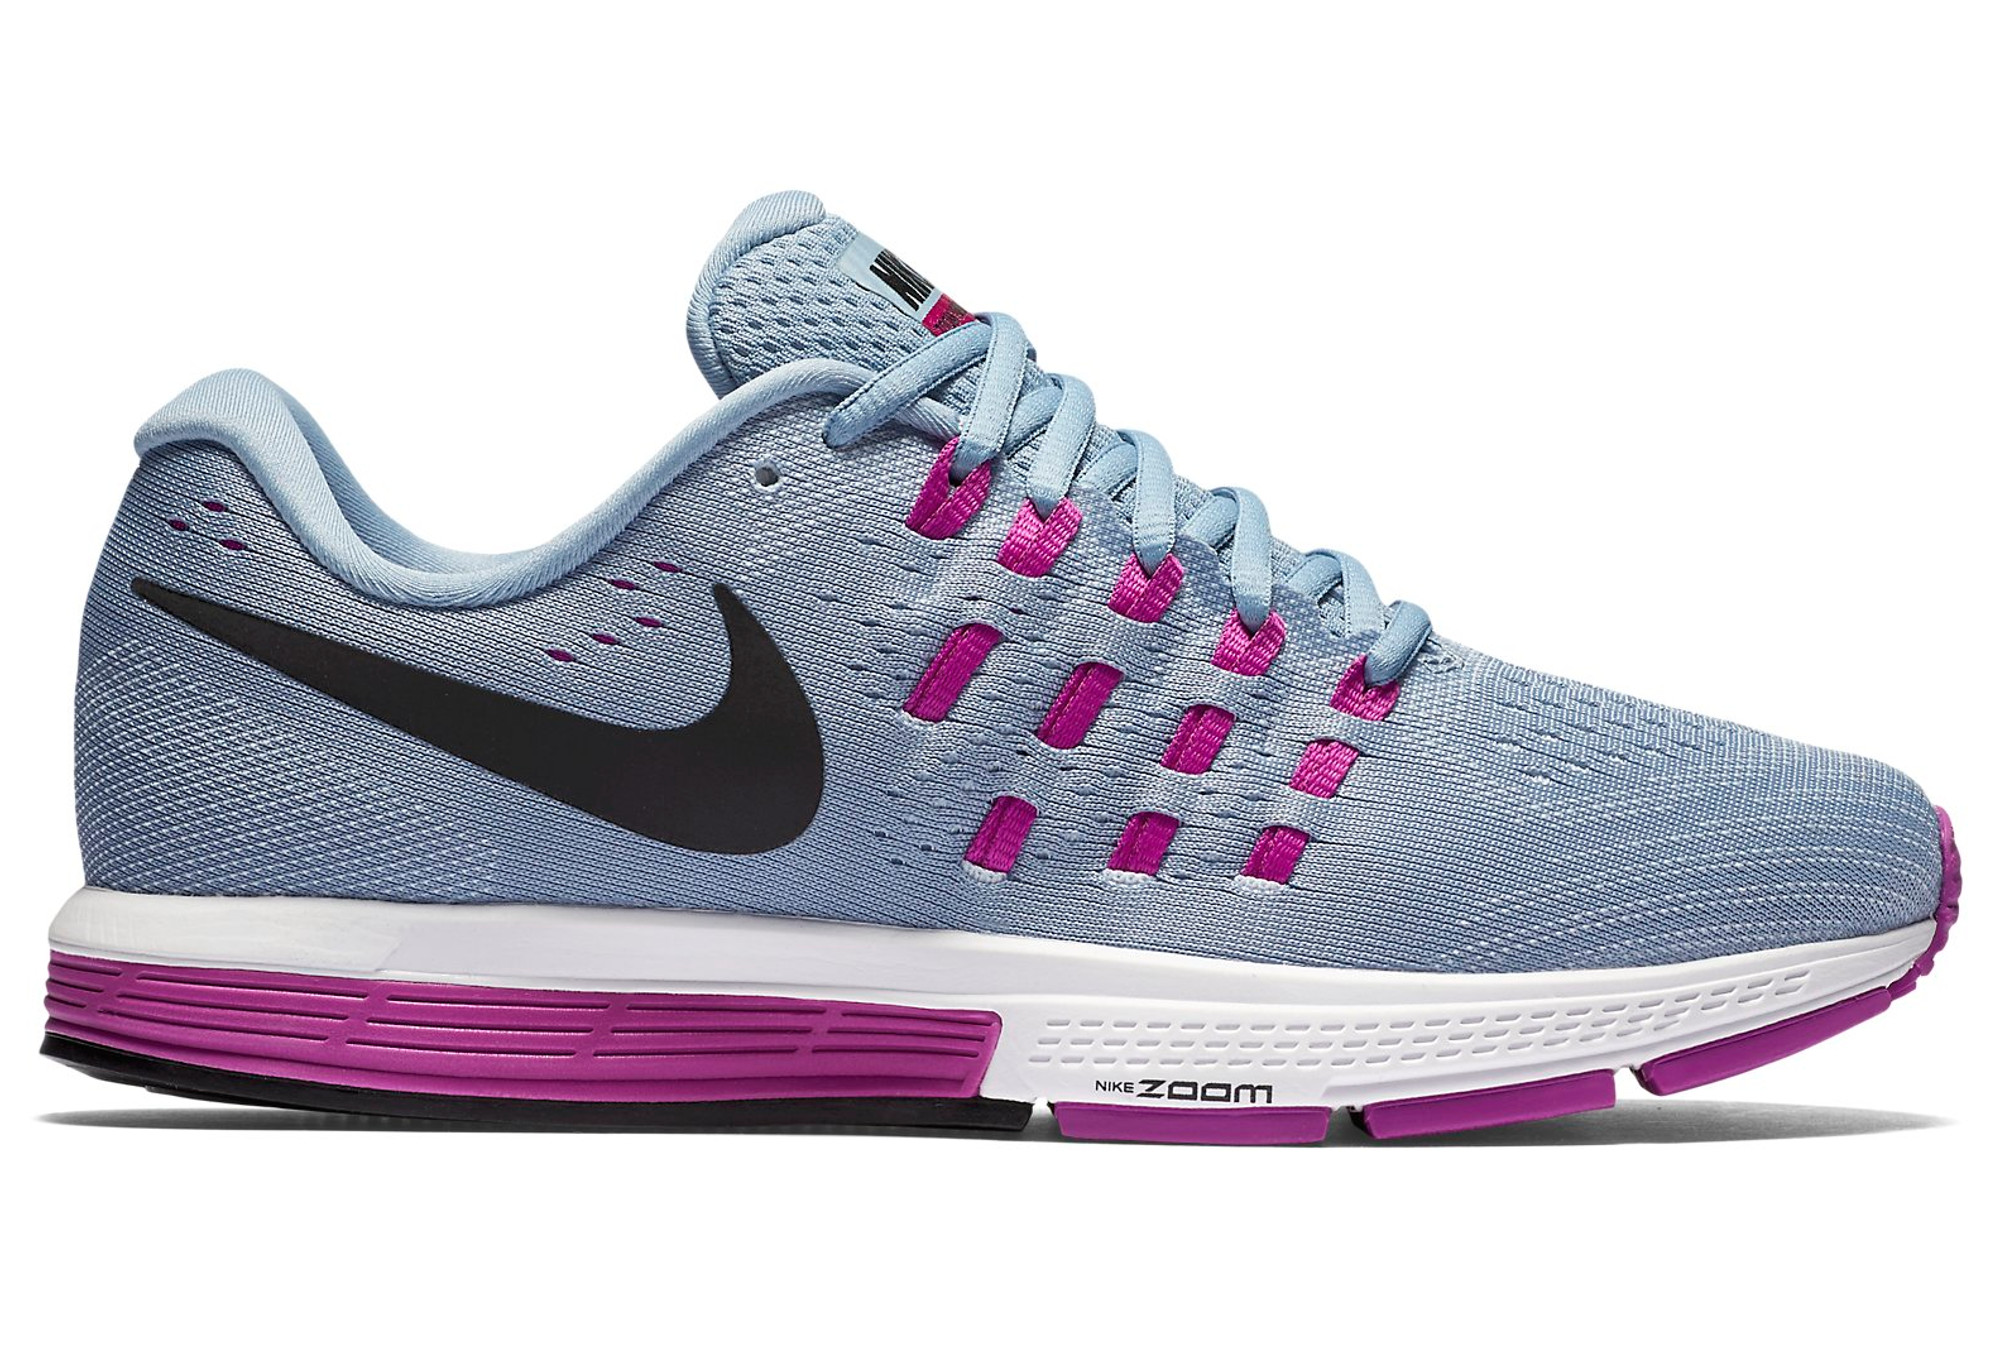 huge discount 69f99 73e3d Chaussures de Running Femme Nike AIR ZOOM VOMERO 11 Bleu   Violet